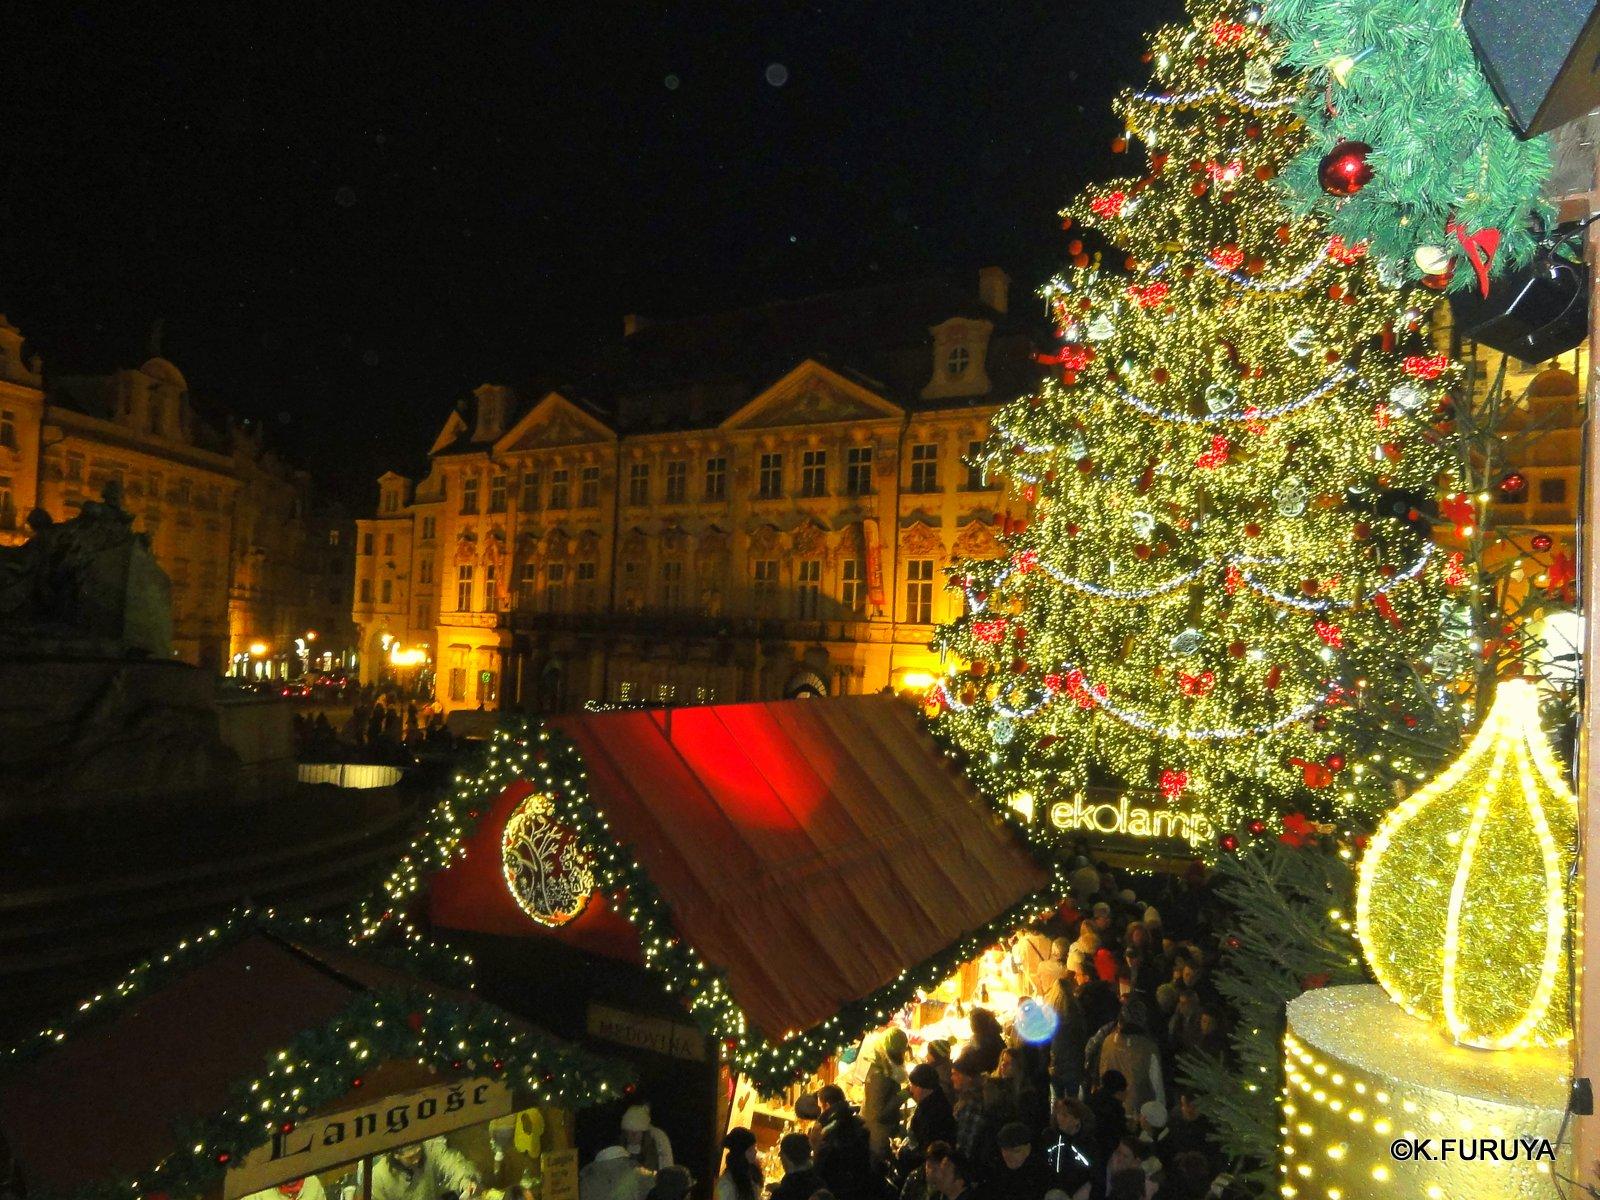 プラハ 14 旧市街広場のクリスマスマーケット_a0092659_2328090.jpg